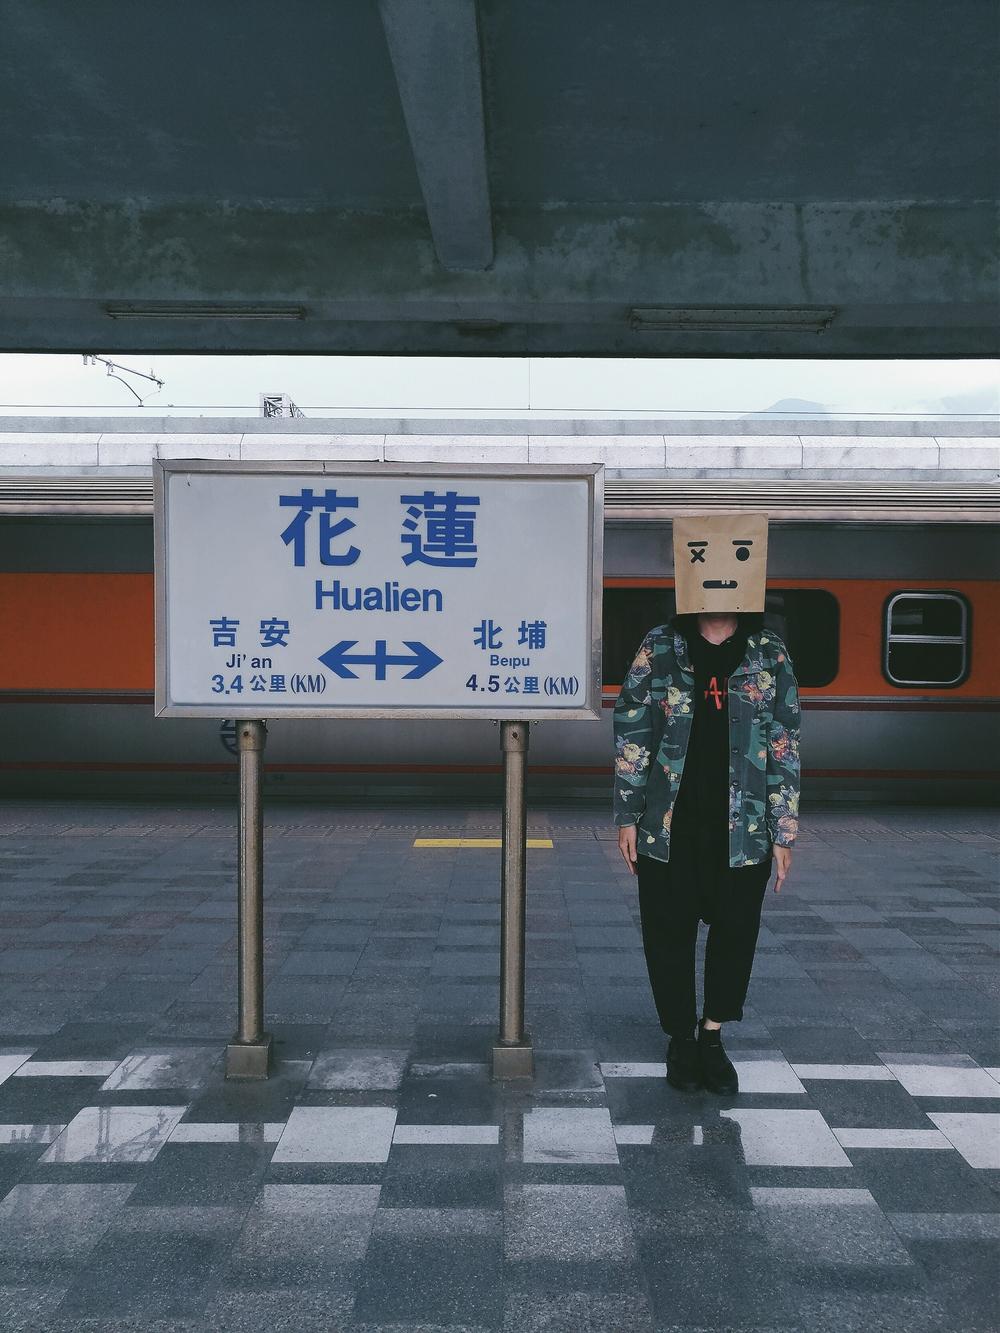 Đi Đài Loan ngay và luôn thôi, đẹp đến thế này cơ mà! - Ảnh 1.